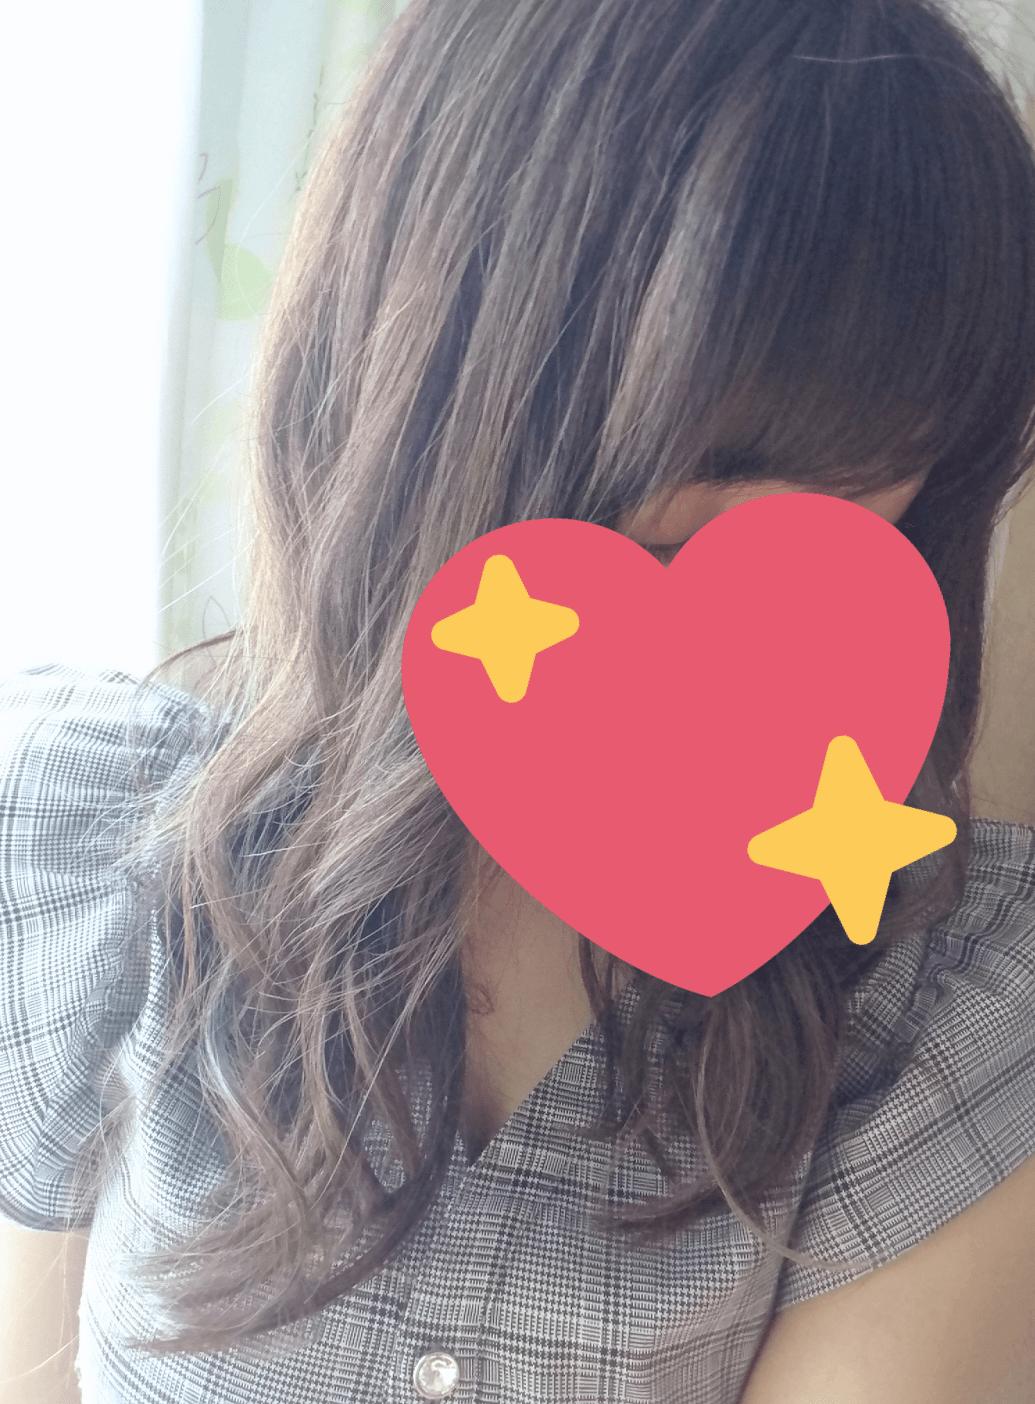 「1週間お疲れさまです☆」06/15日(金) 17:18   田中ひとみの写メ・風俗動画